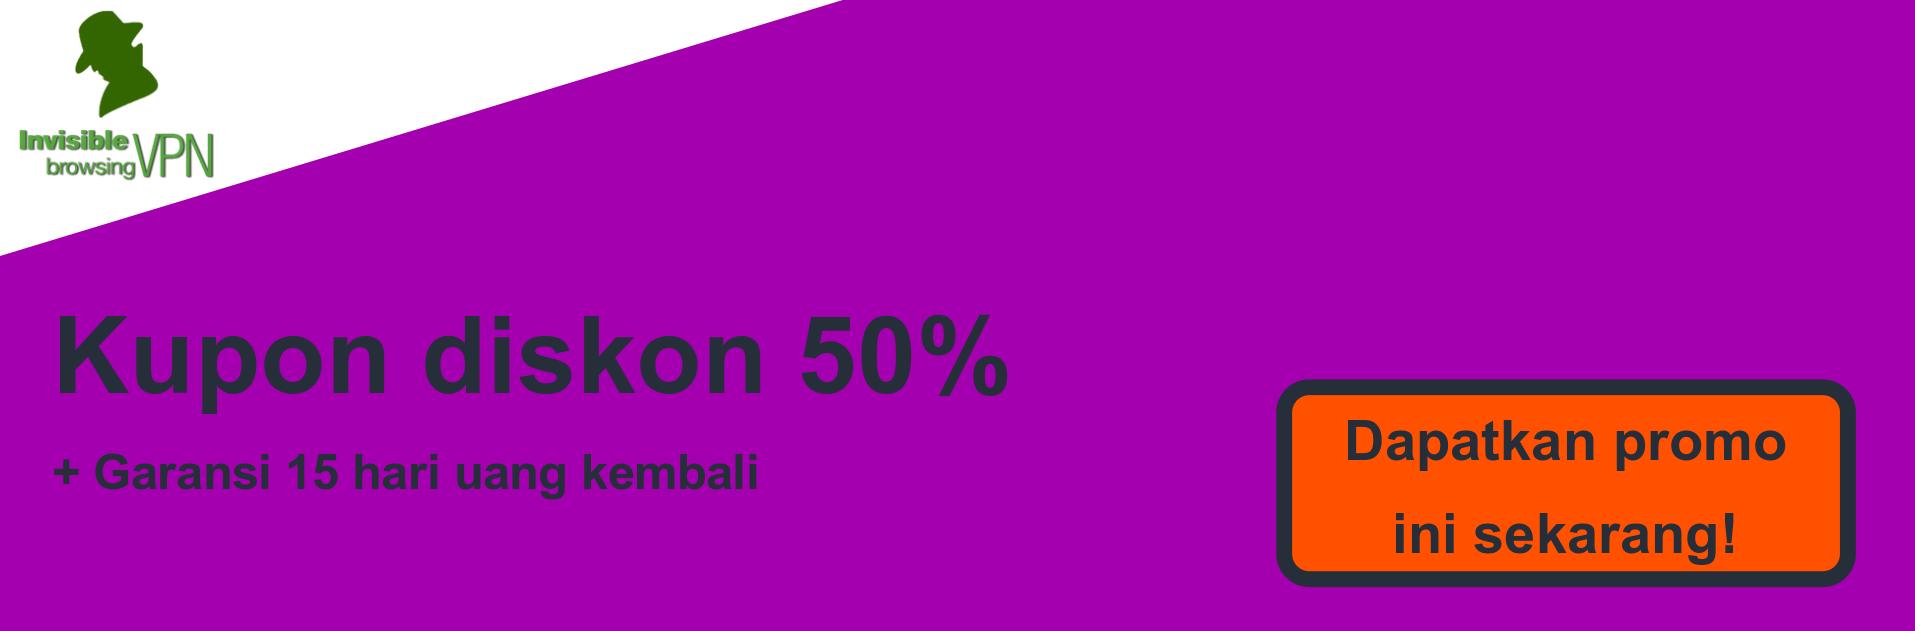 spanduk kupon ibVPN - diskon 50%